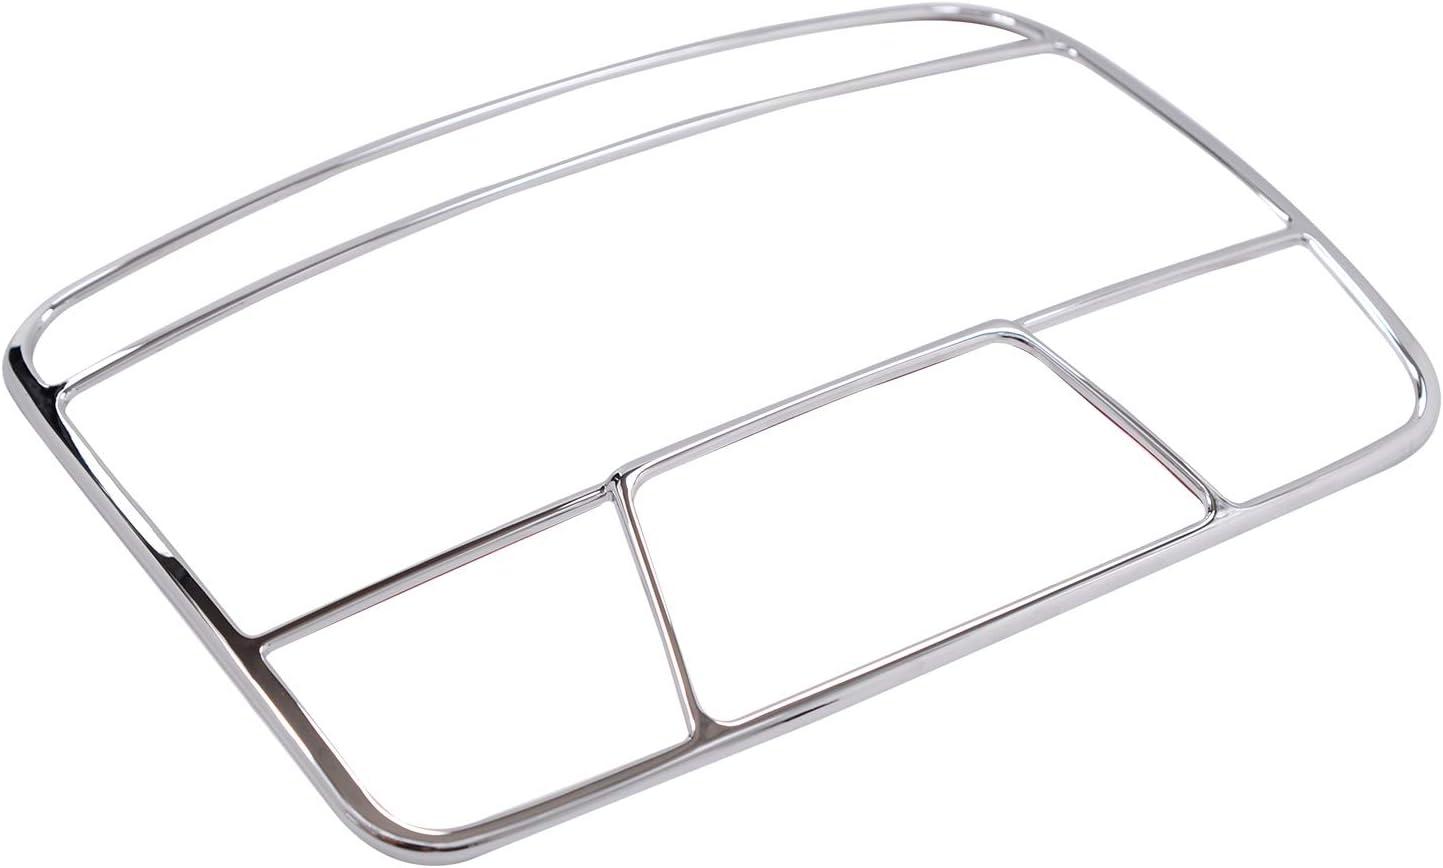 WOVELOT Per Mercedes W205 Classe C C260 e Classe W213 E200L Glc 2015-2017 Accessori Auto ABS Luce di Lettura Anteriore Decorare Cornice Trim